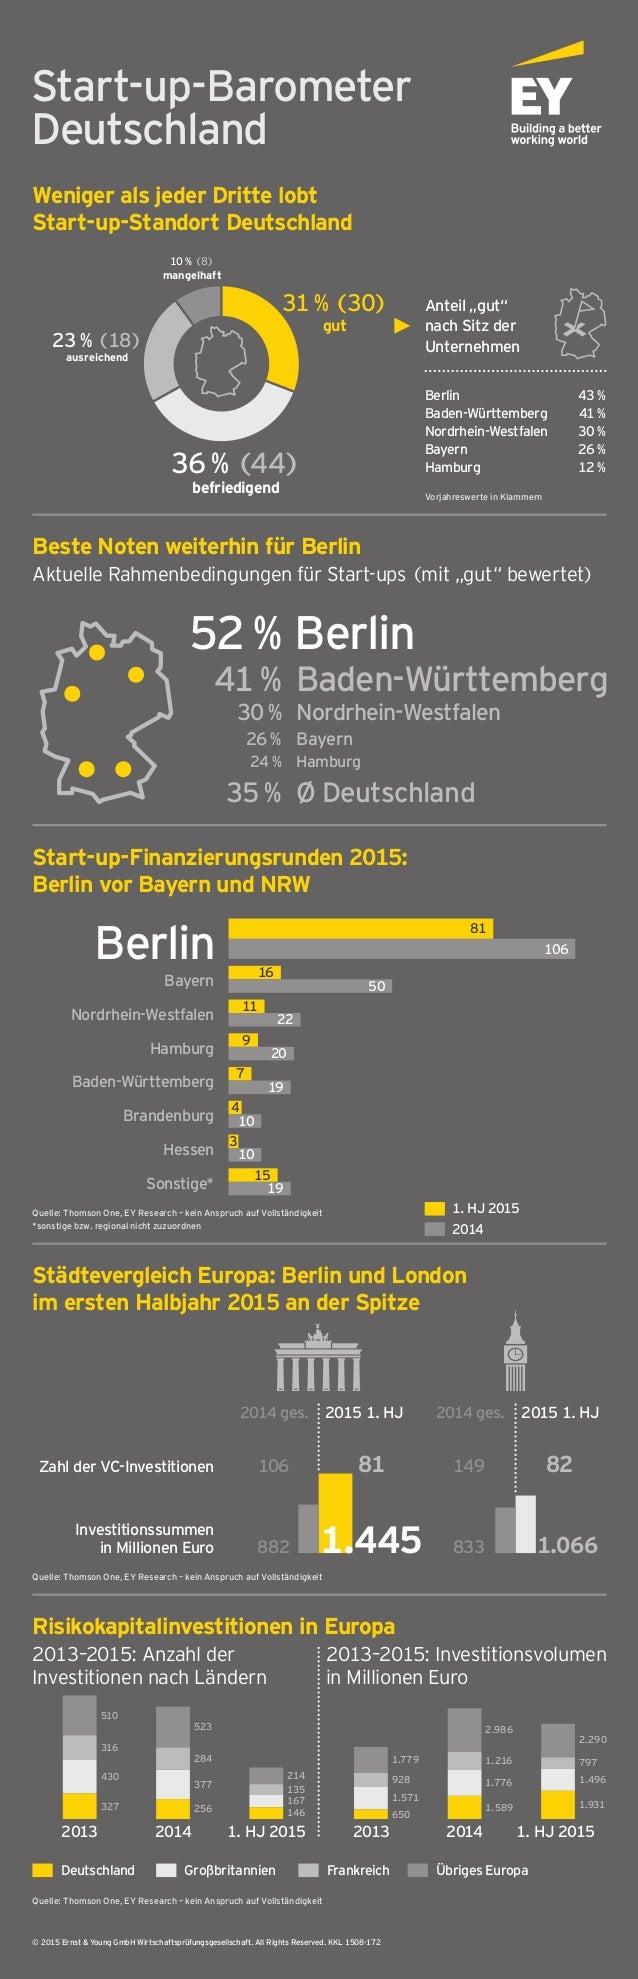 Start-up-Barometer Deutschland Weniger als jeder Dritte lobt Start-up-Standort Deutschland Beste Noten weiterhin für Berli...